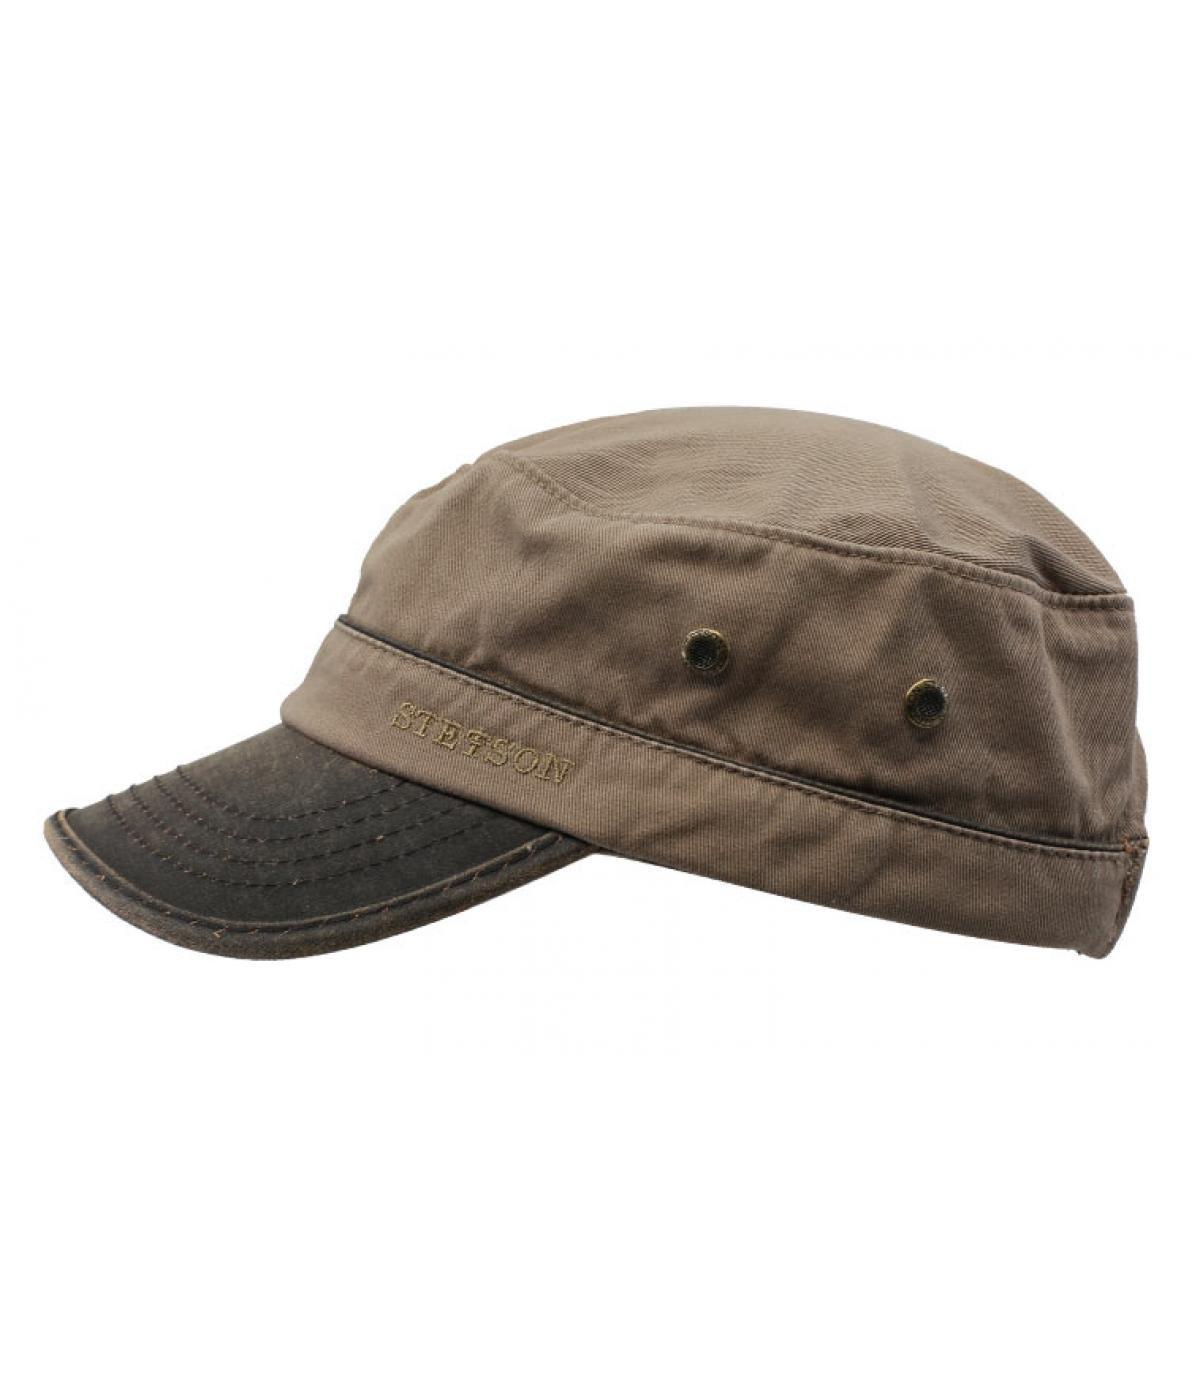 Détails Army Cap Cotton brown - image 2